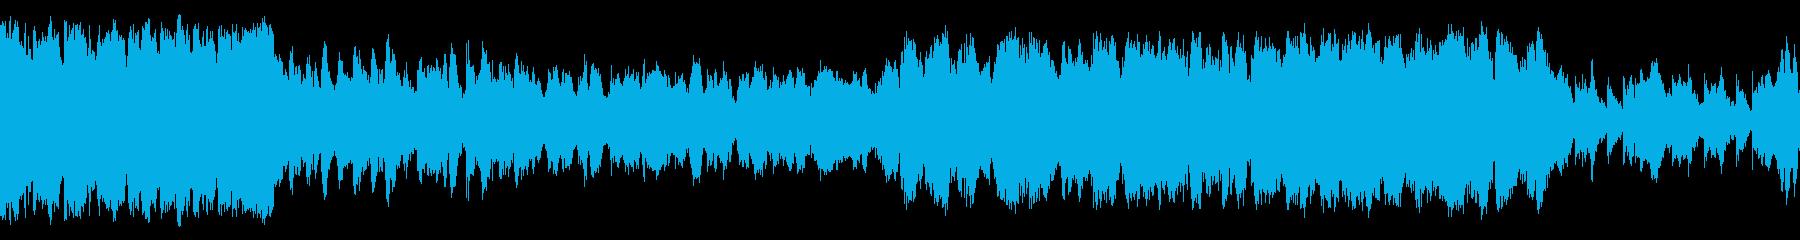 吹奏楽、マーチ(行進曲)、華やかな式典Bの再生済みの波形